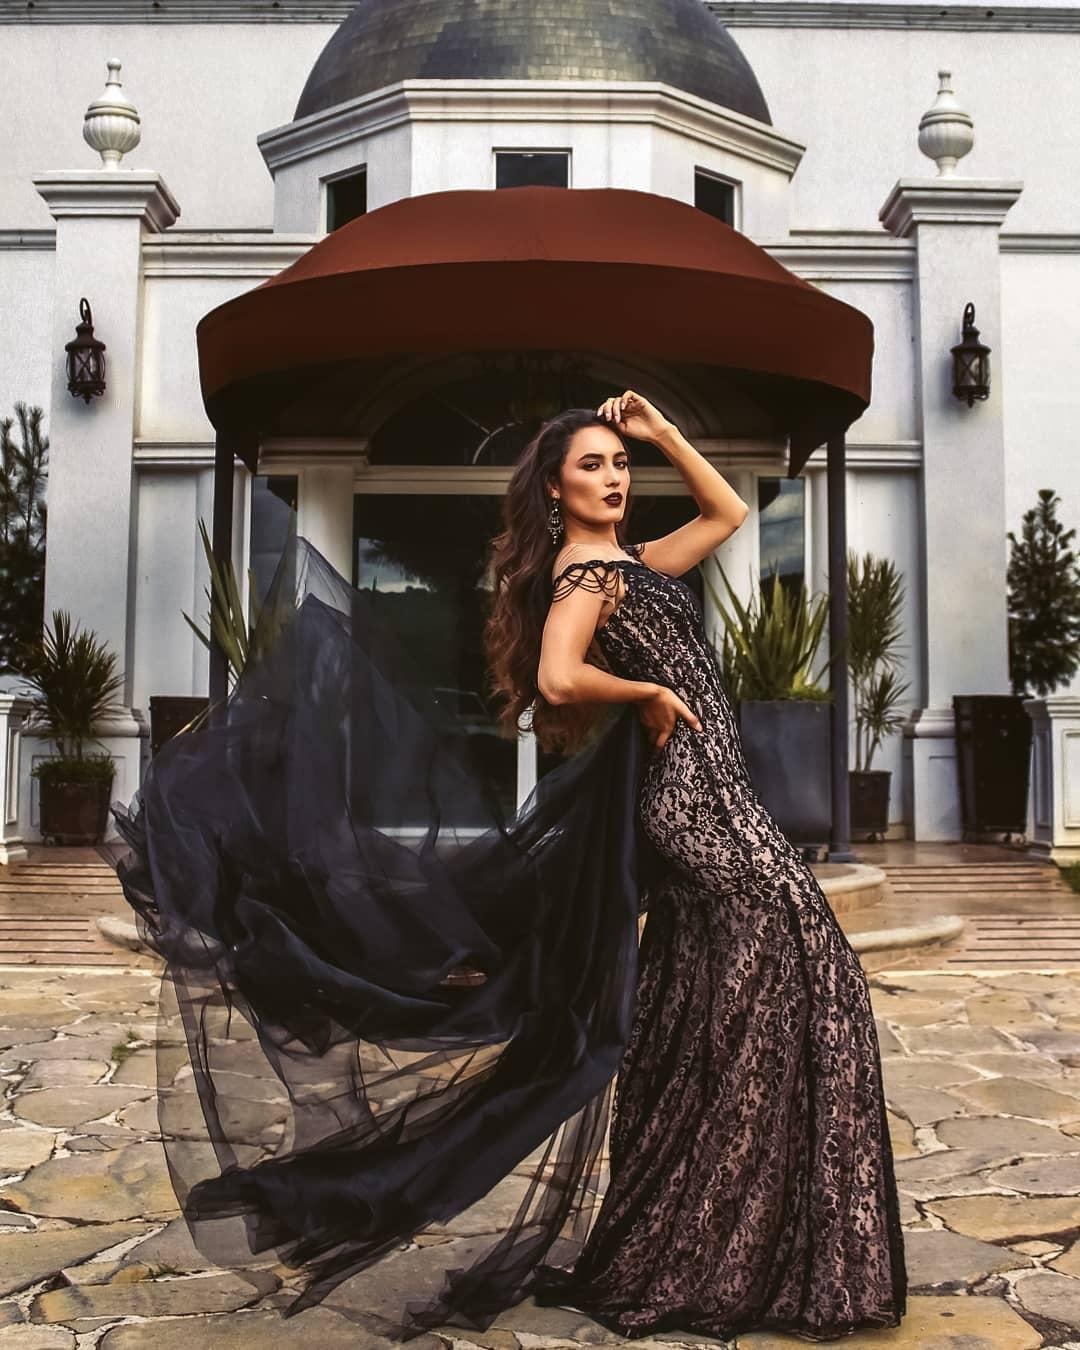 karolina vidales, candidata a miss mexico 2020, representando michoacan. 80368311